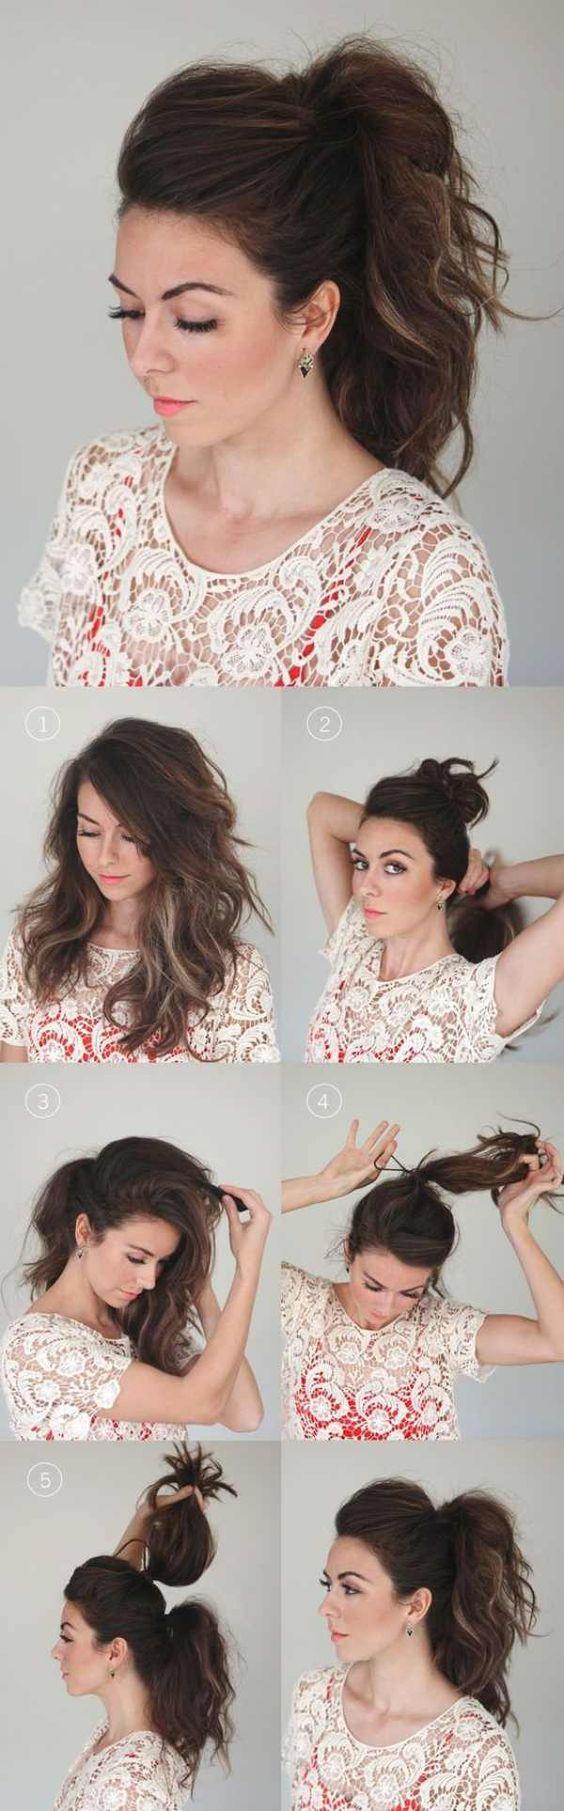 33 coiffures hyper faciles a faire en 3 min